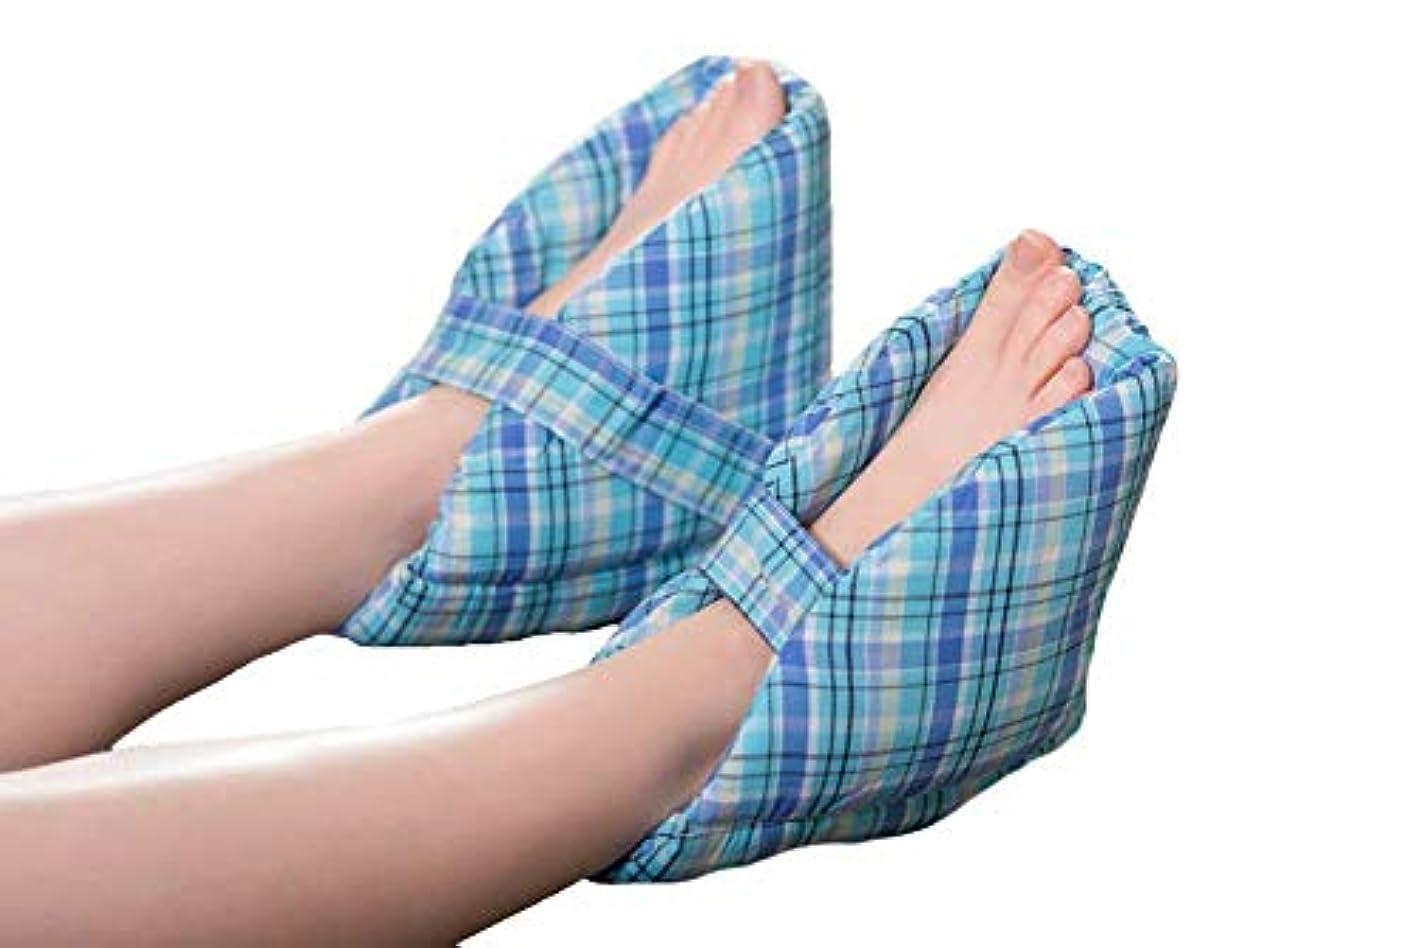 クローゼット暴動悩み足の枕、かかとの保護、かかとのクッション、有効な褥瘡とかかとの潰瘍の軽減、腫れた足に最適